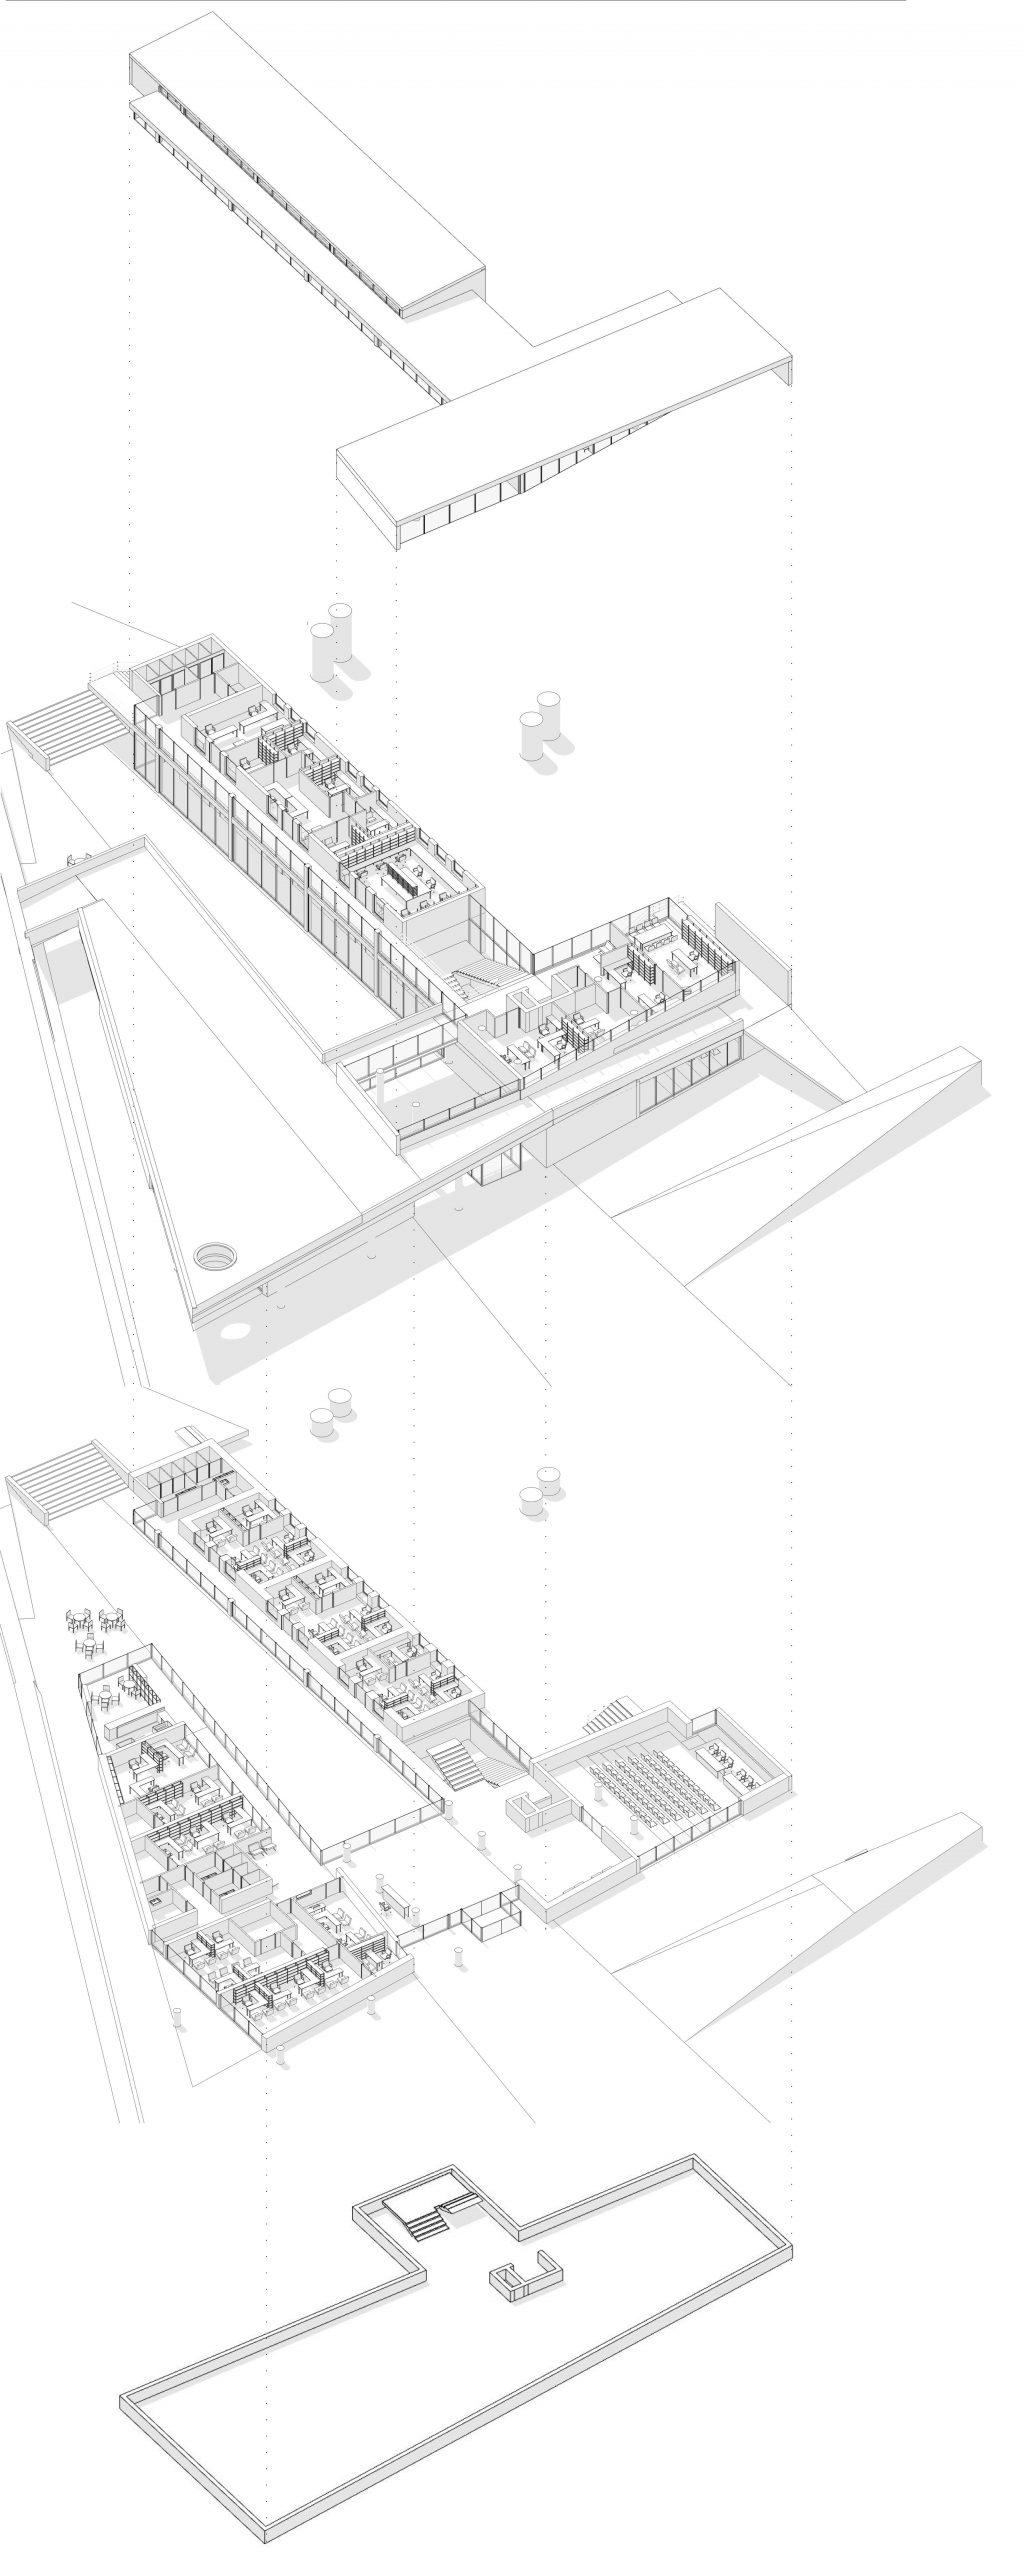 Οργανόγραμμα κτιρίου